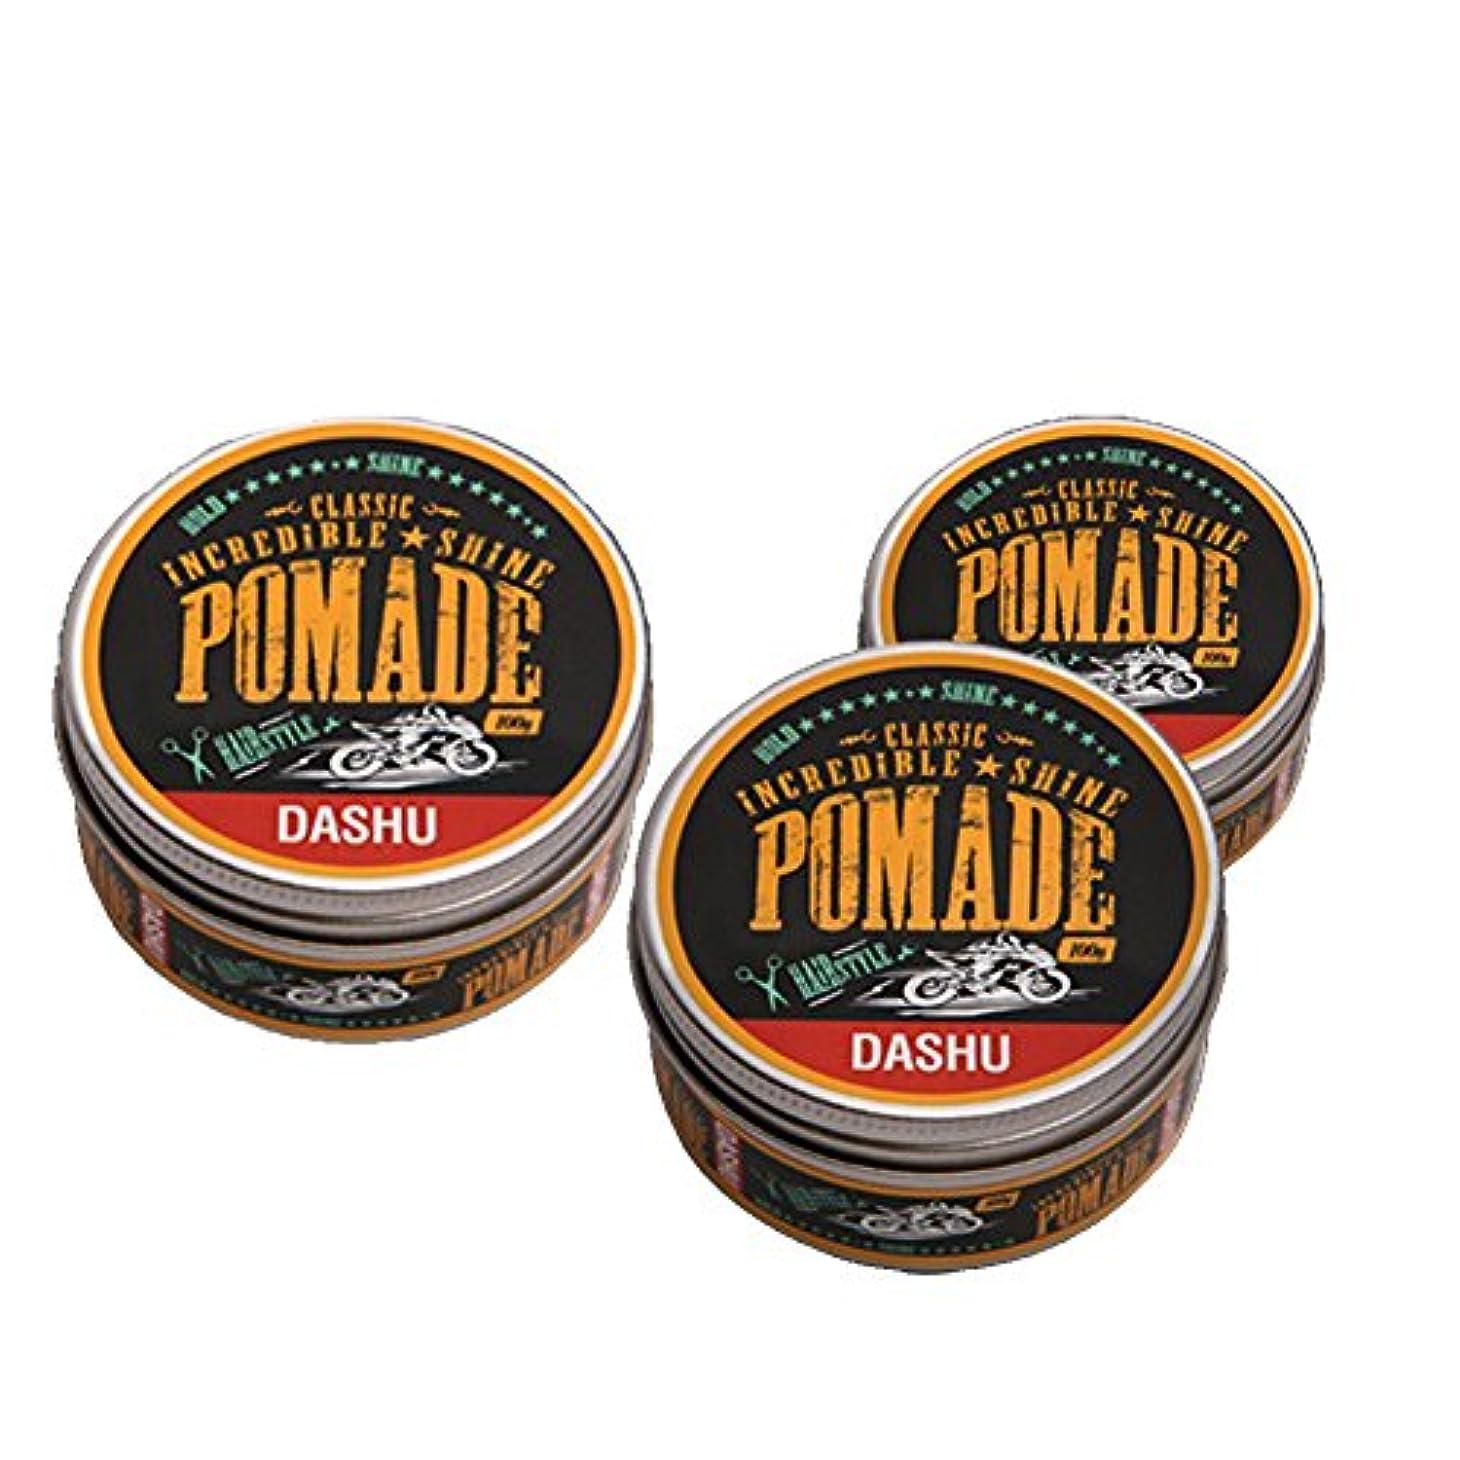 結婚式潜在的な損傷(3個セット) x [DASHU] ダシュ クラシック 信じられないほどの輝き ポマードワックス Classic Incredible Shine Pomade Hair Wax 100ml / 韓国製 . 韓国直送品